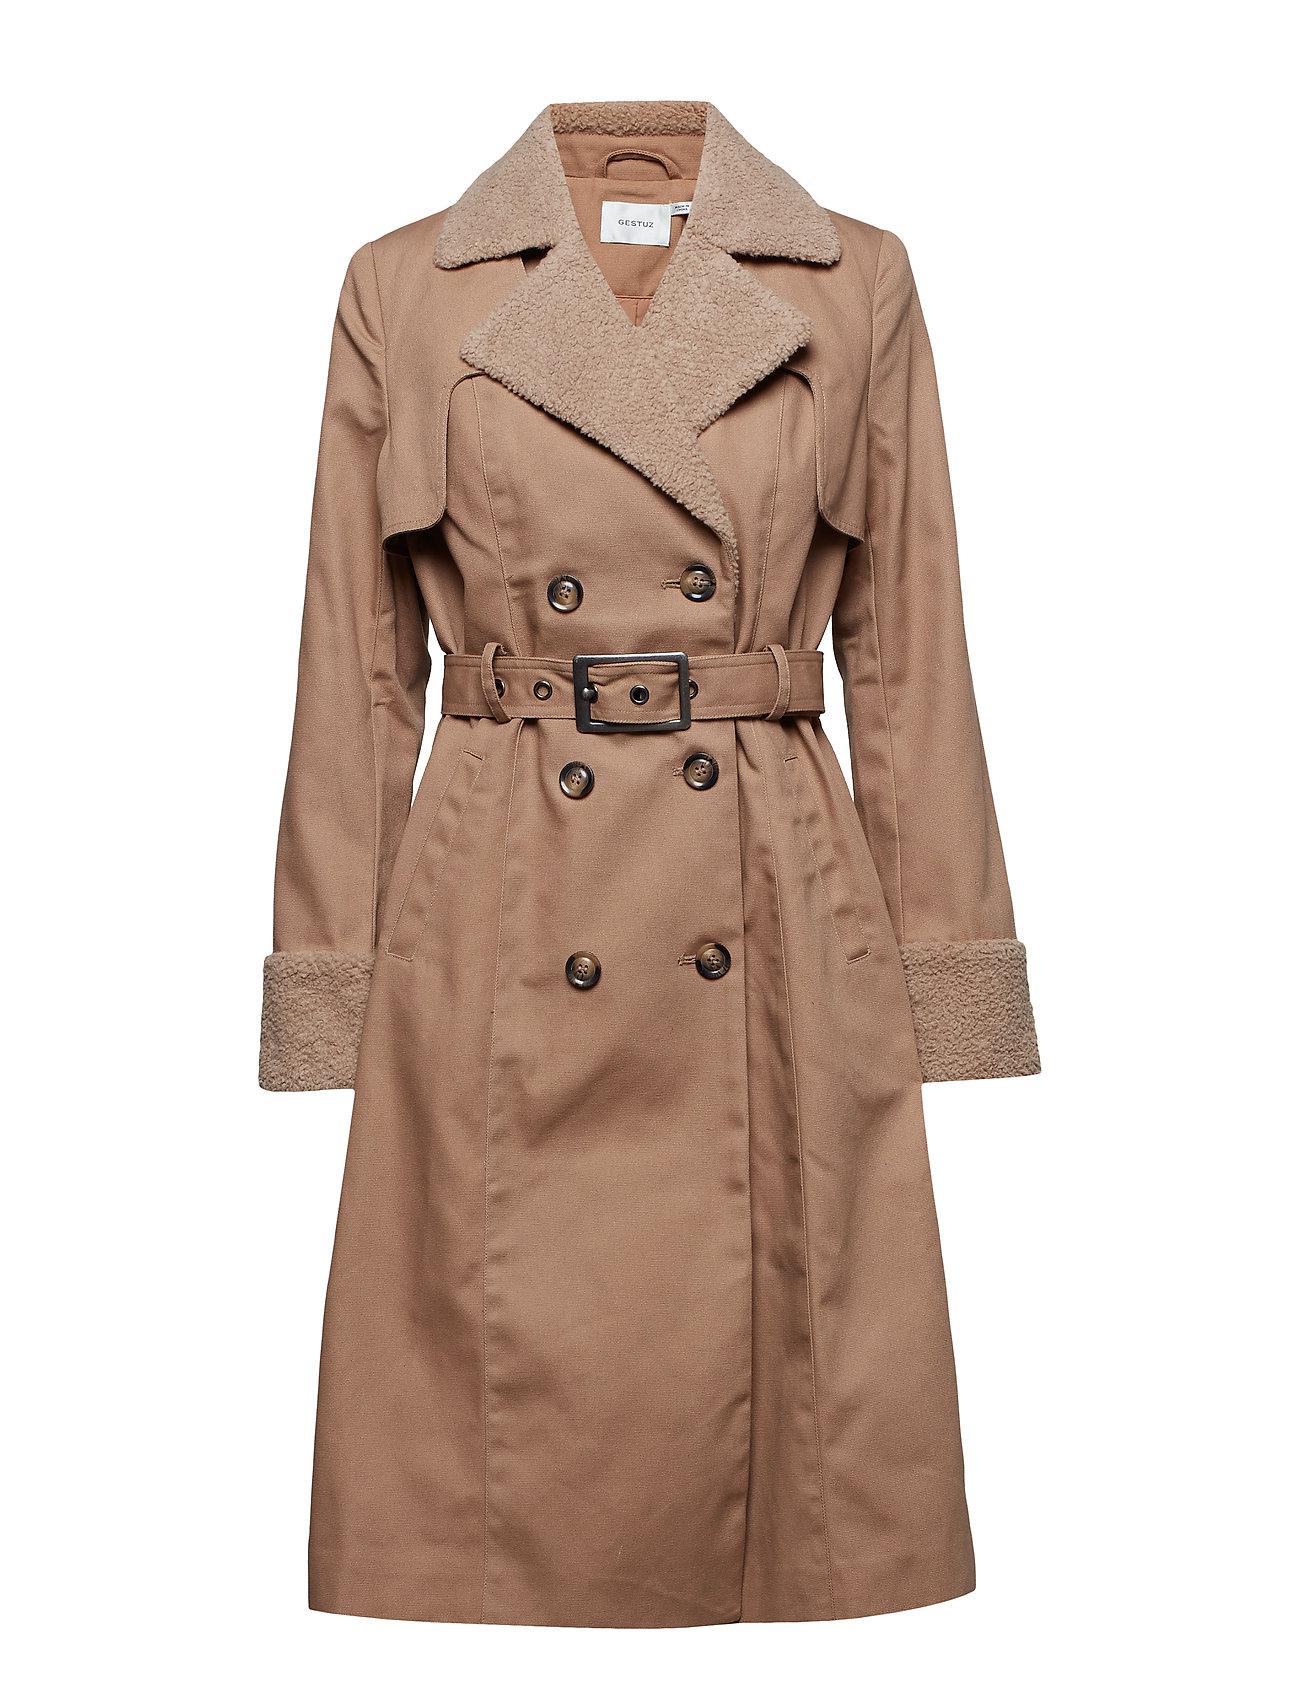 Gestuz Toria coat MS19 - BURRO